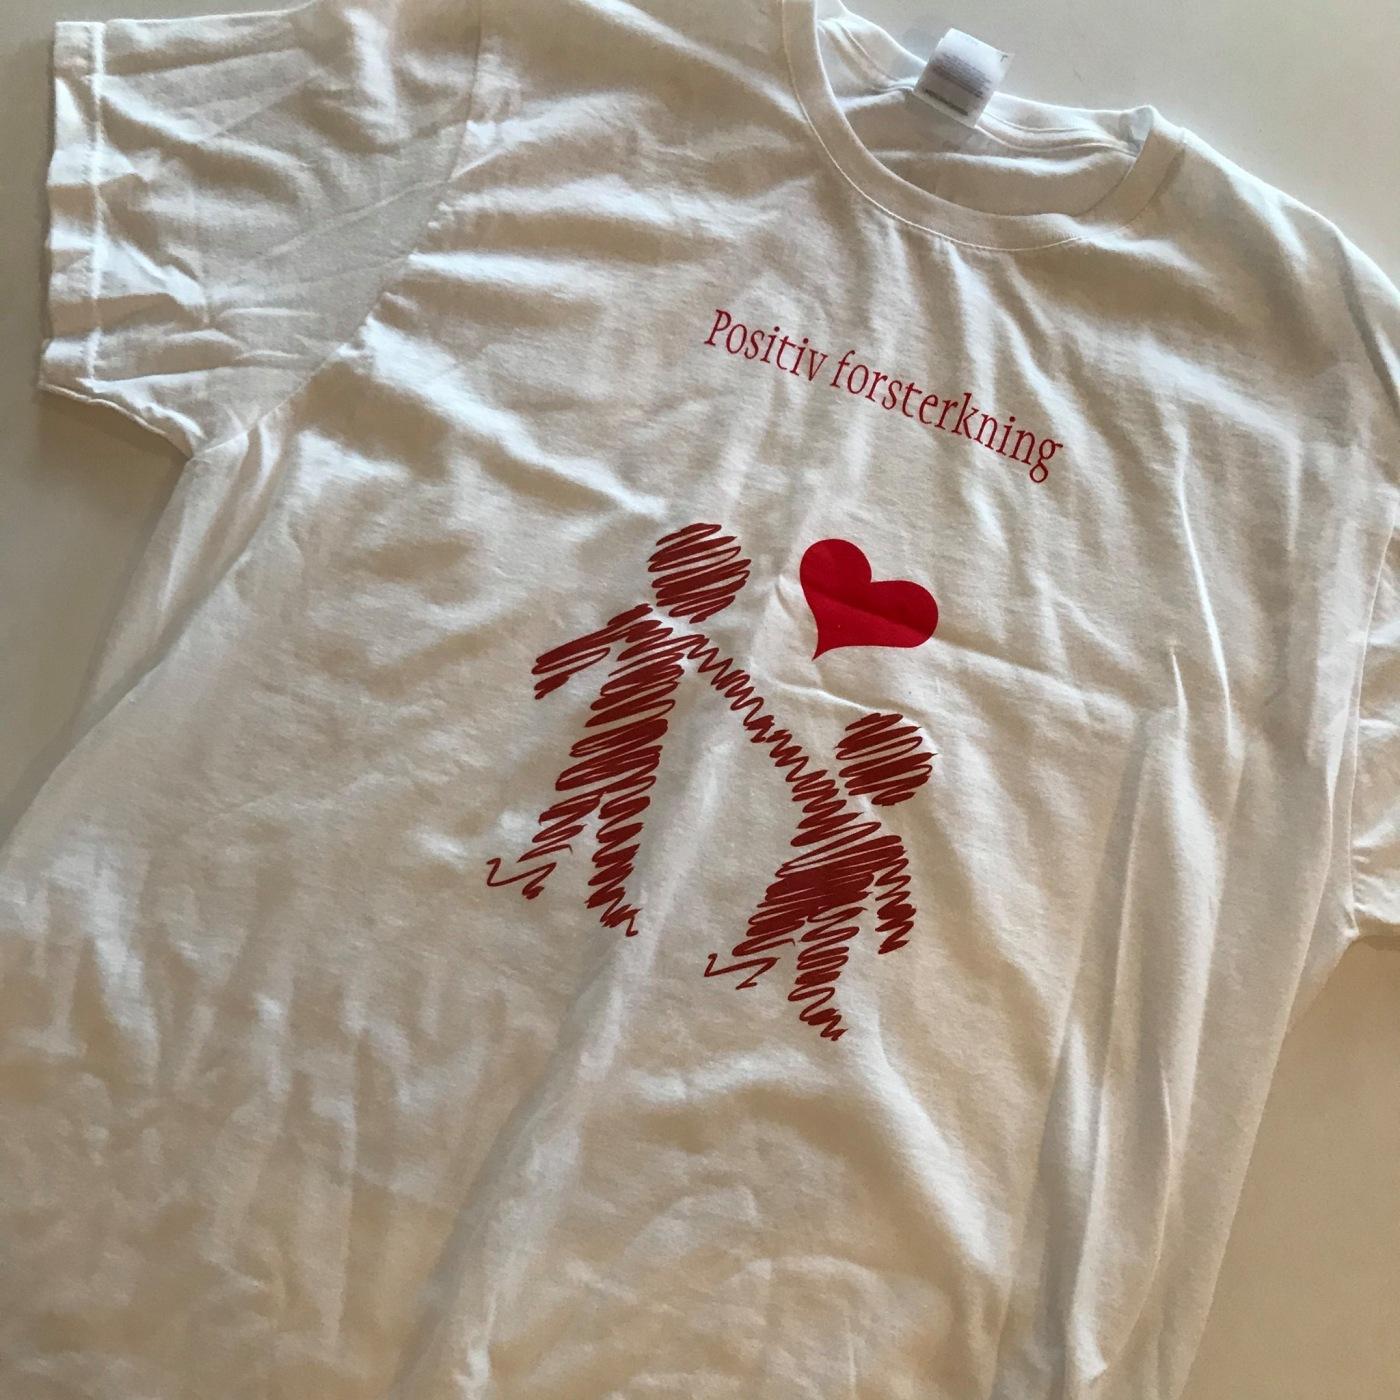 Bilde av t-skjorte med teksten «Positiv forsterkning» og to mennesker som holder hverandre i hånden.